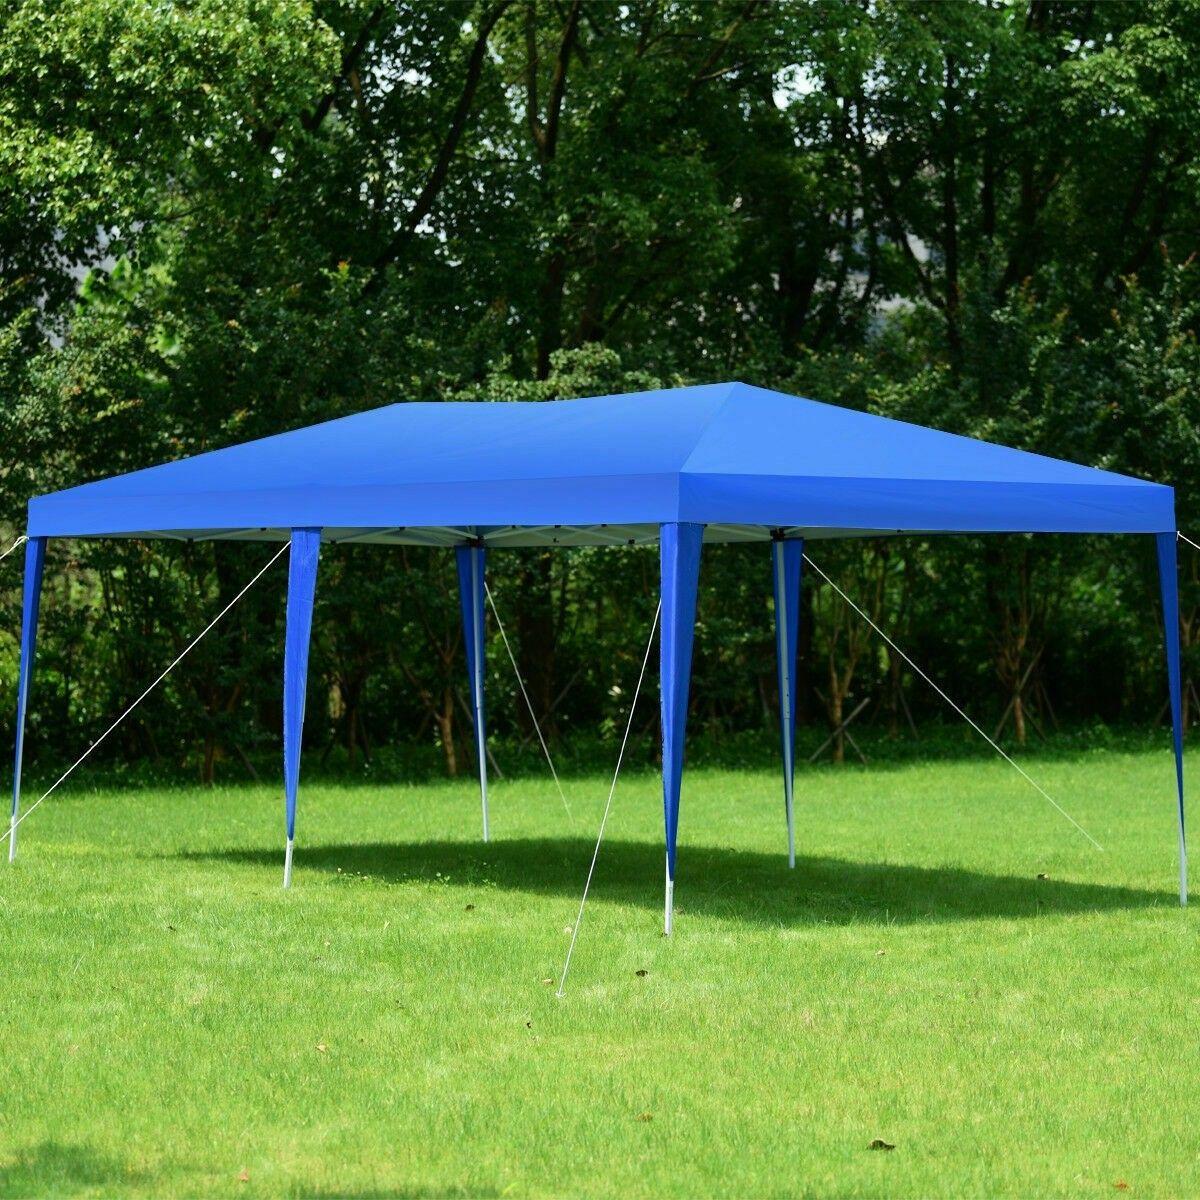 10 X 20 Ez Pop Up Gazebo Wedding Party Event Folding Tent Event Tent Party Canopy Party Tent